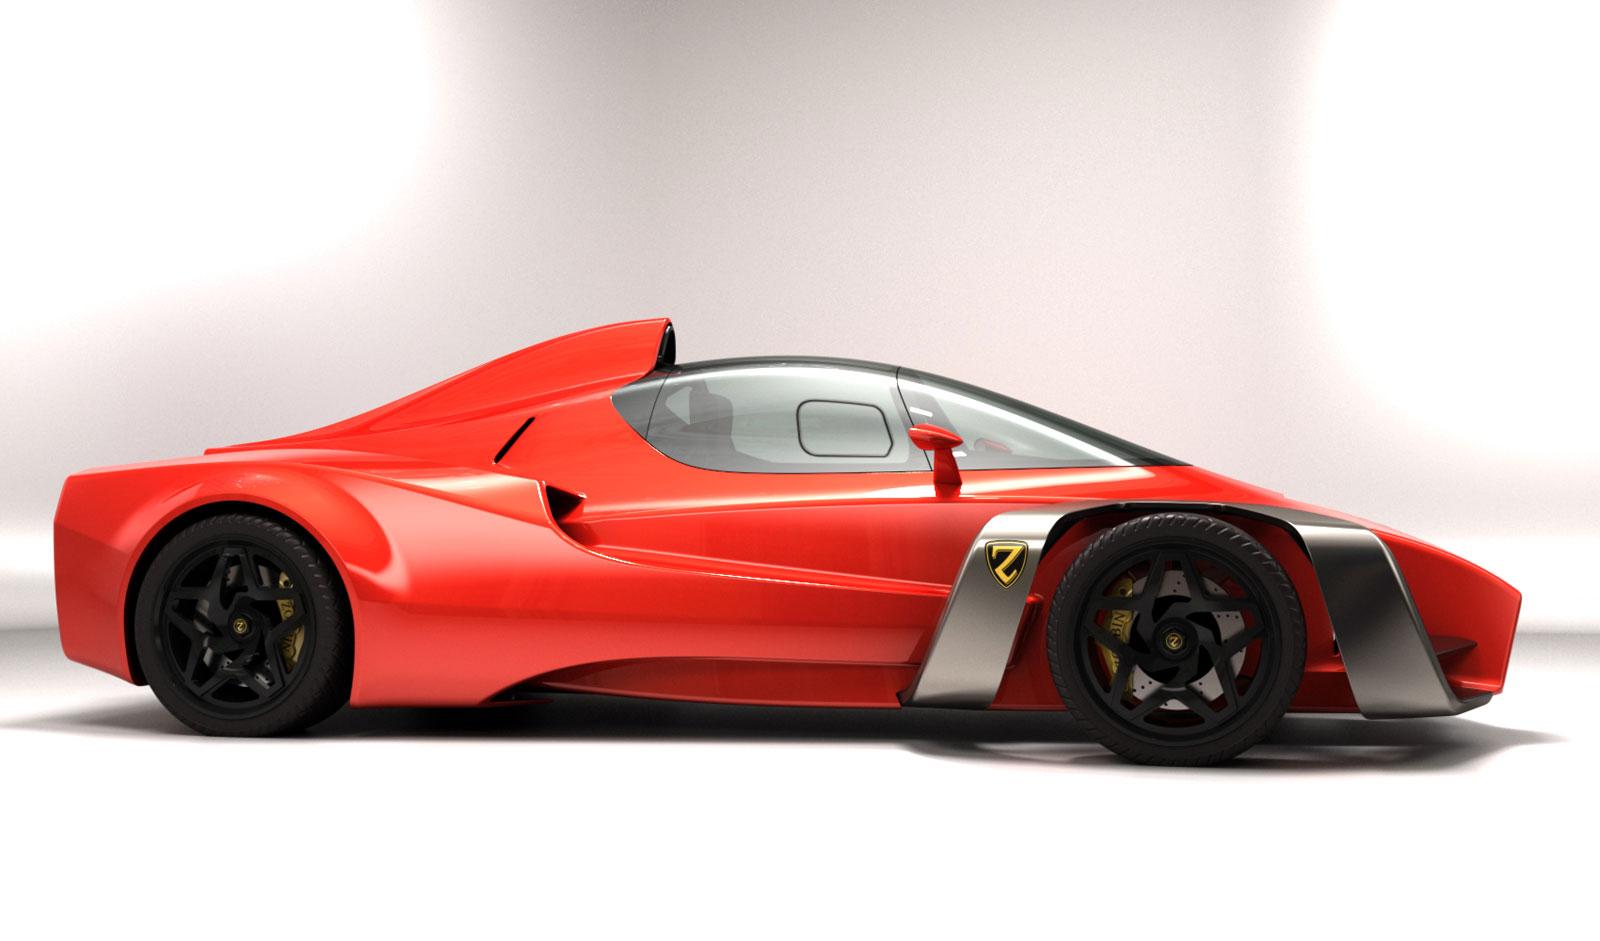 http://www.diseno-art.com/news_content/wp-content/uploads/2013/10/Ferrari-Zoubin-concept-3.jpg